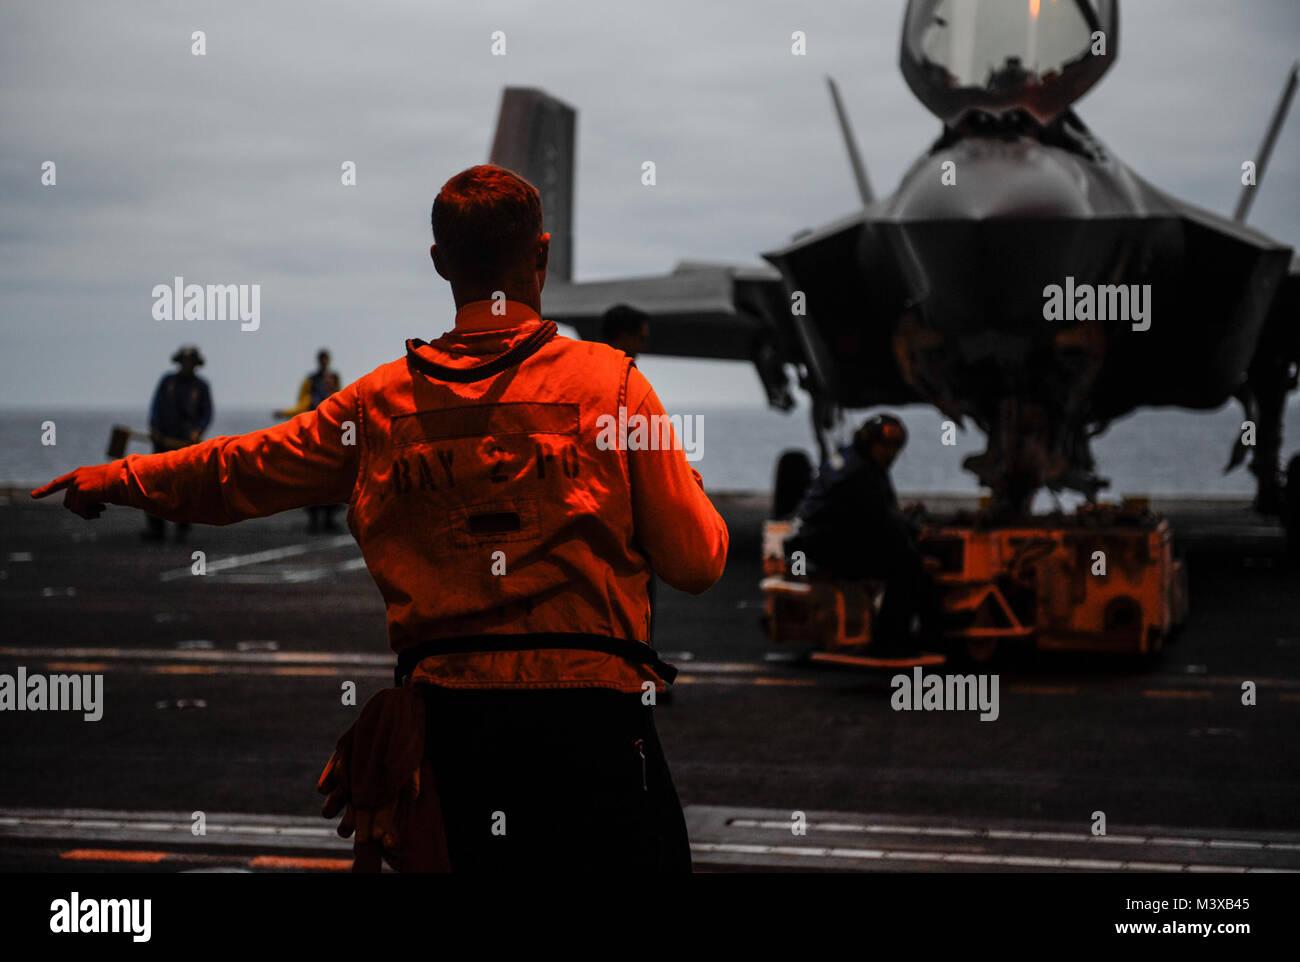 Kyle Jpg Stockfotos & Kyle Jpg Bilder - Alamy